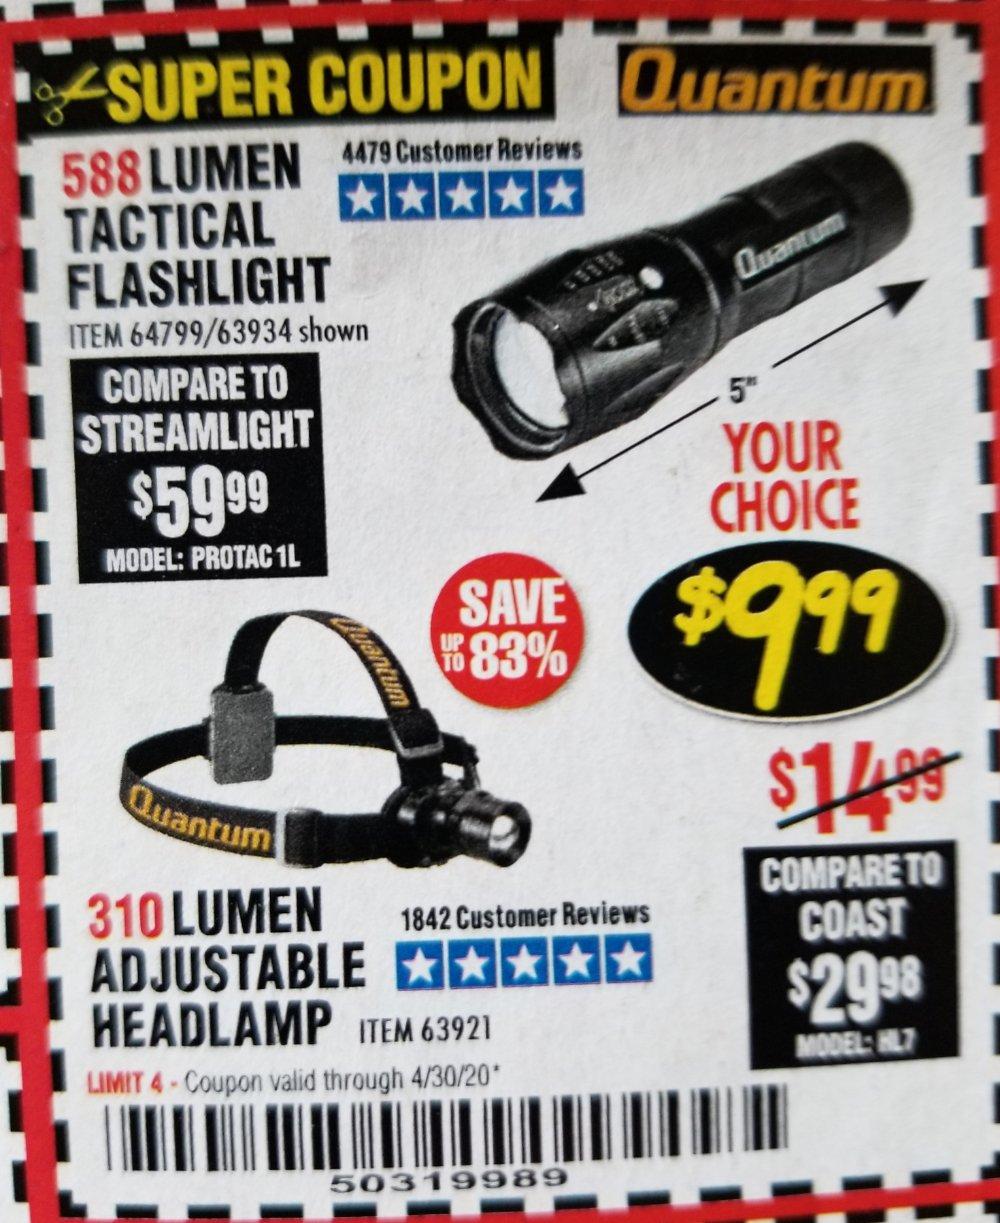 Harbor Freight Coupon, HF Coupons - 310 Lumen Adjustable Headlamp/588 Lumen Tactical Flashlight